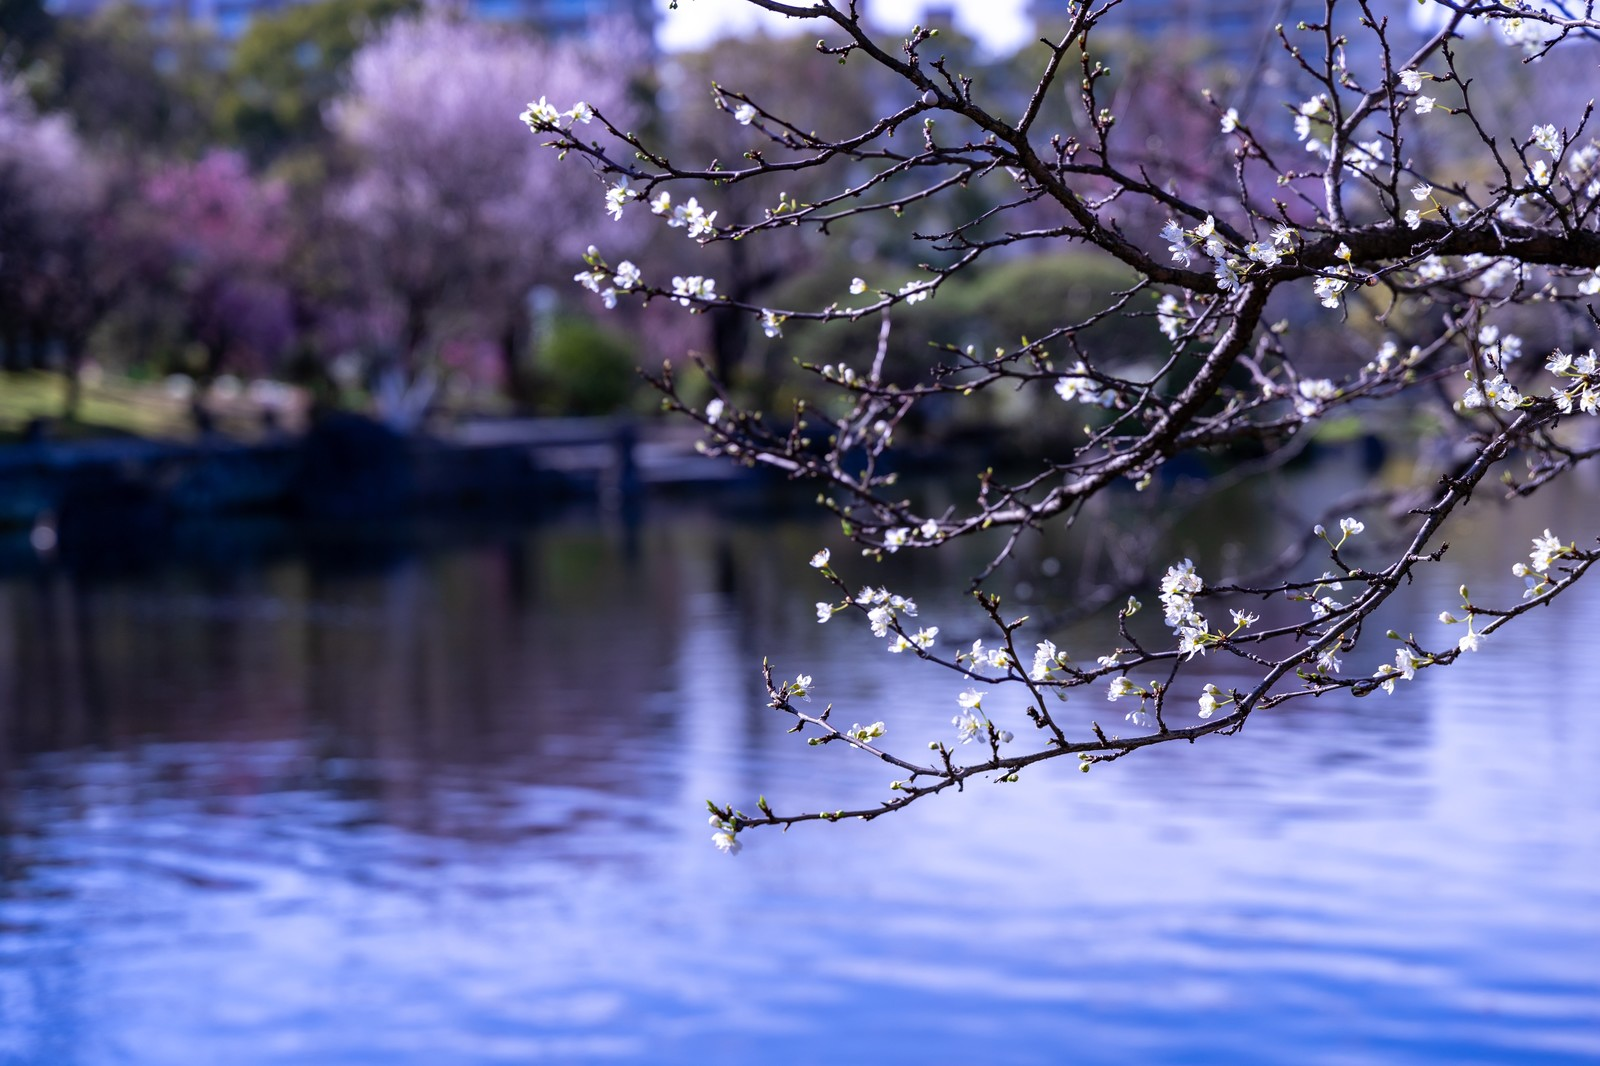 「池端の枝につく蕾と花」の写真